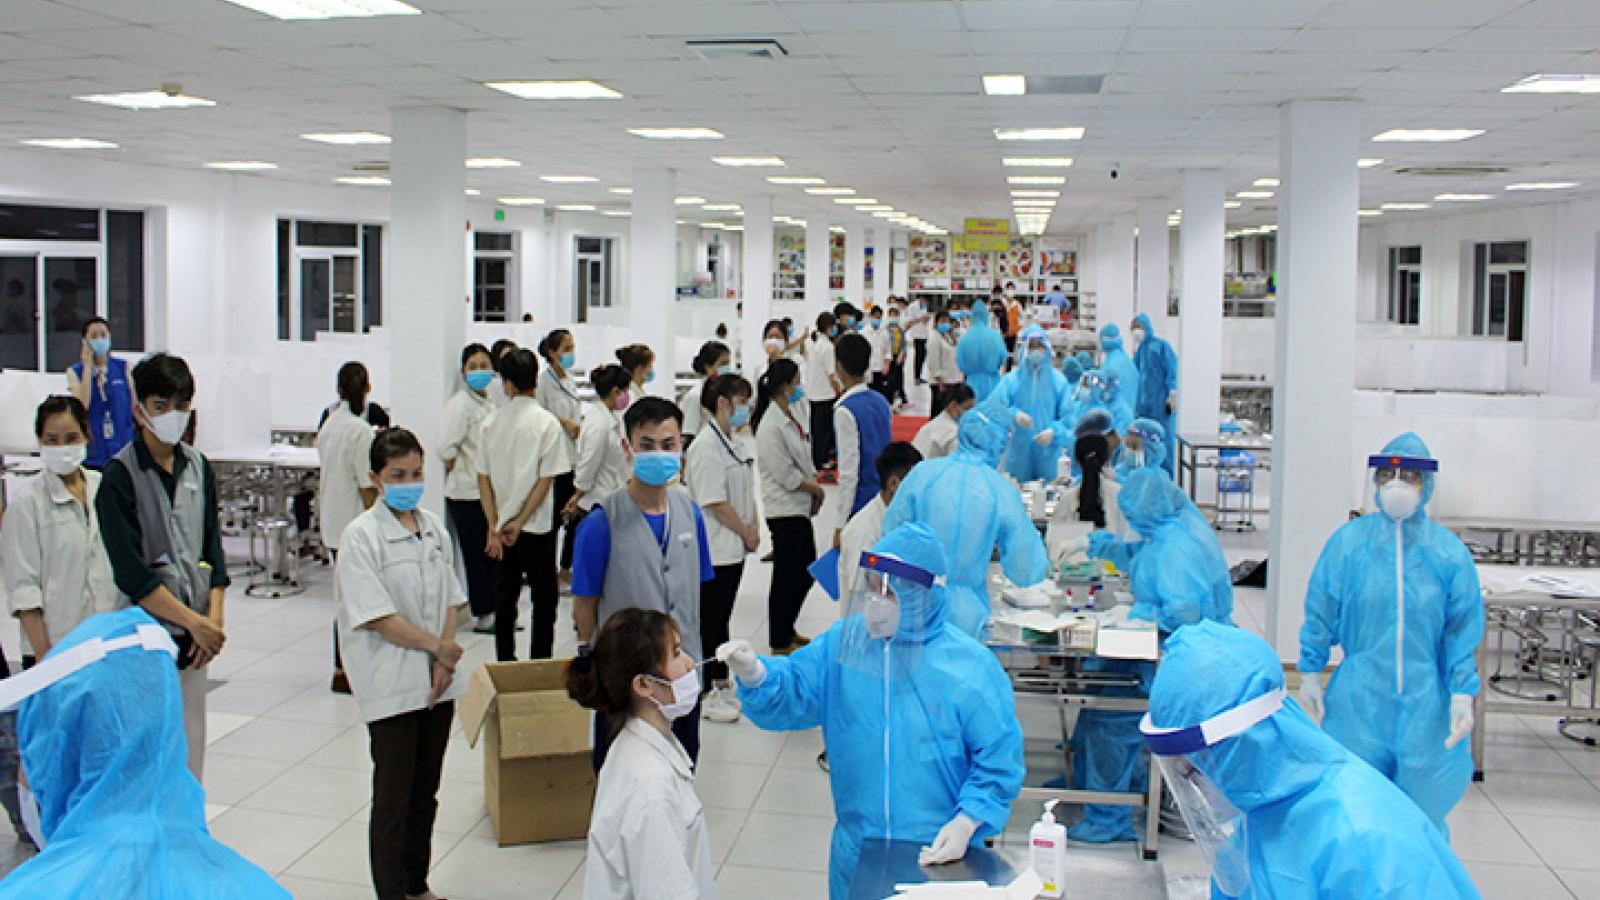 Phú Thọ quyết liệt ngăn chặn nguy cơ dịch bệnh tại các khu, cụm công nghiệp